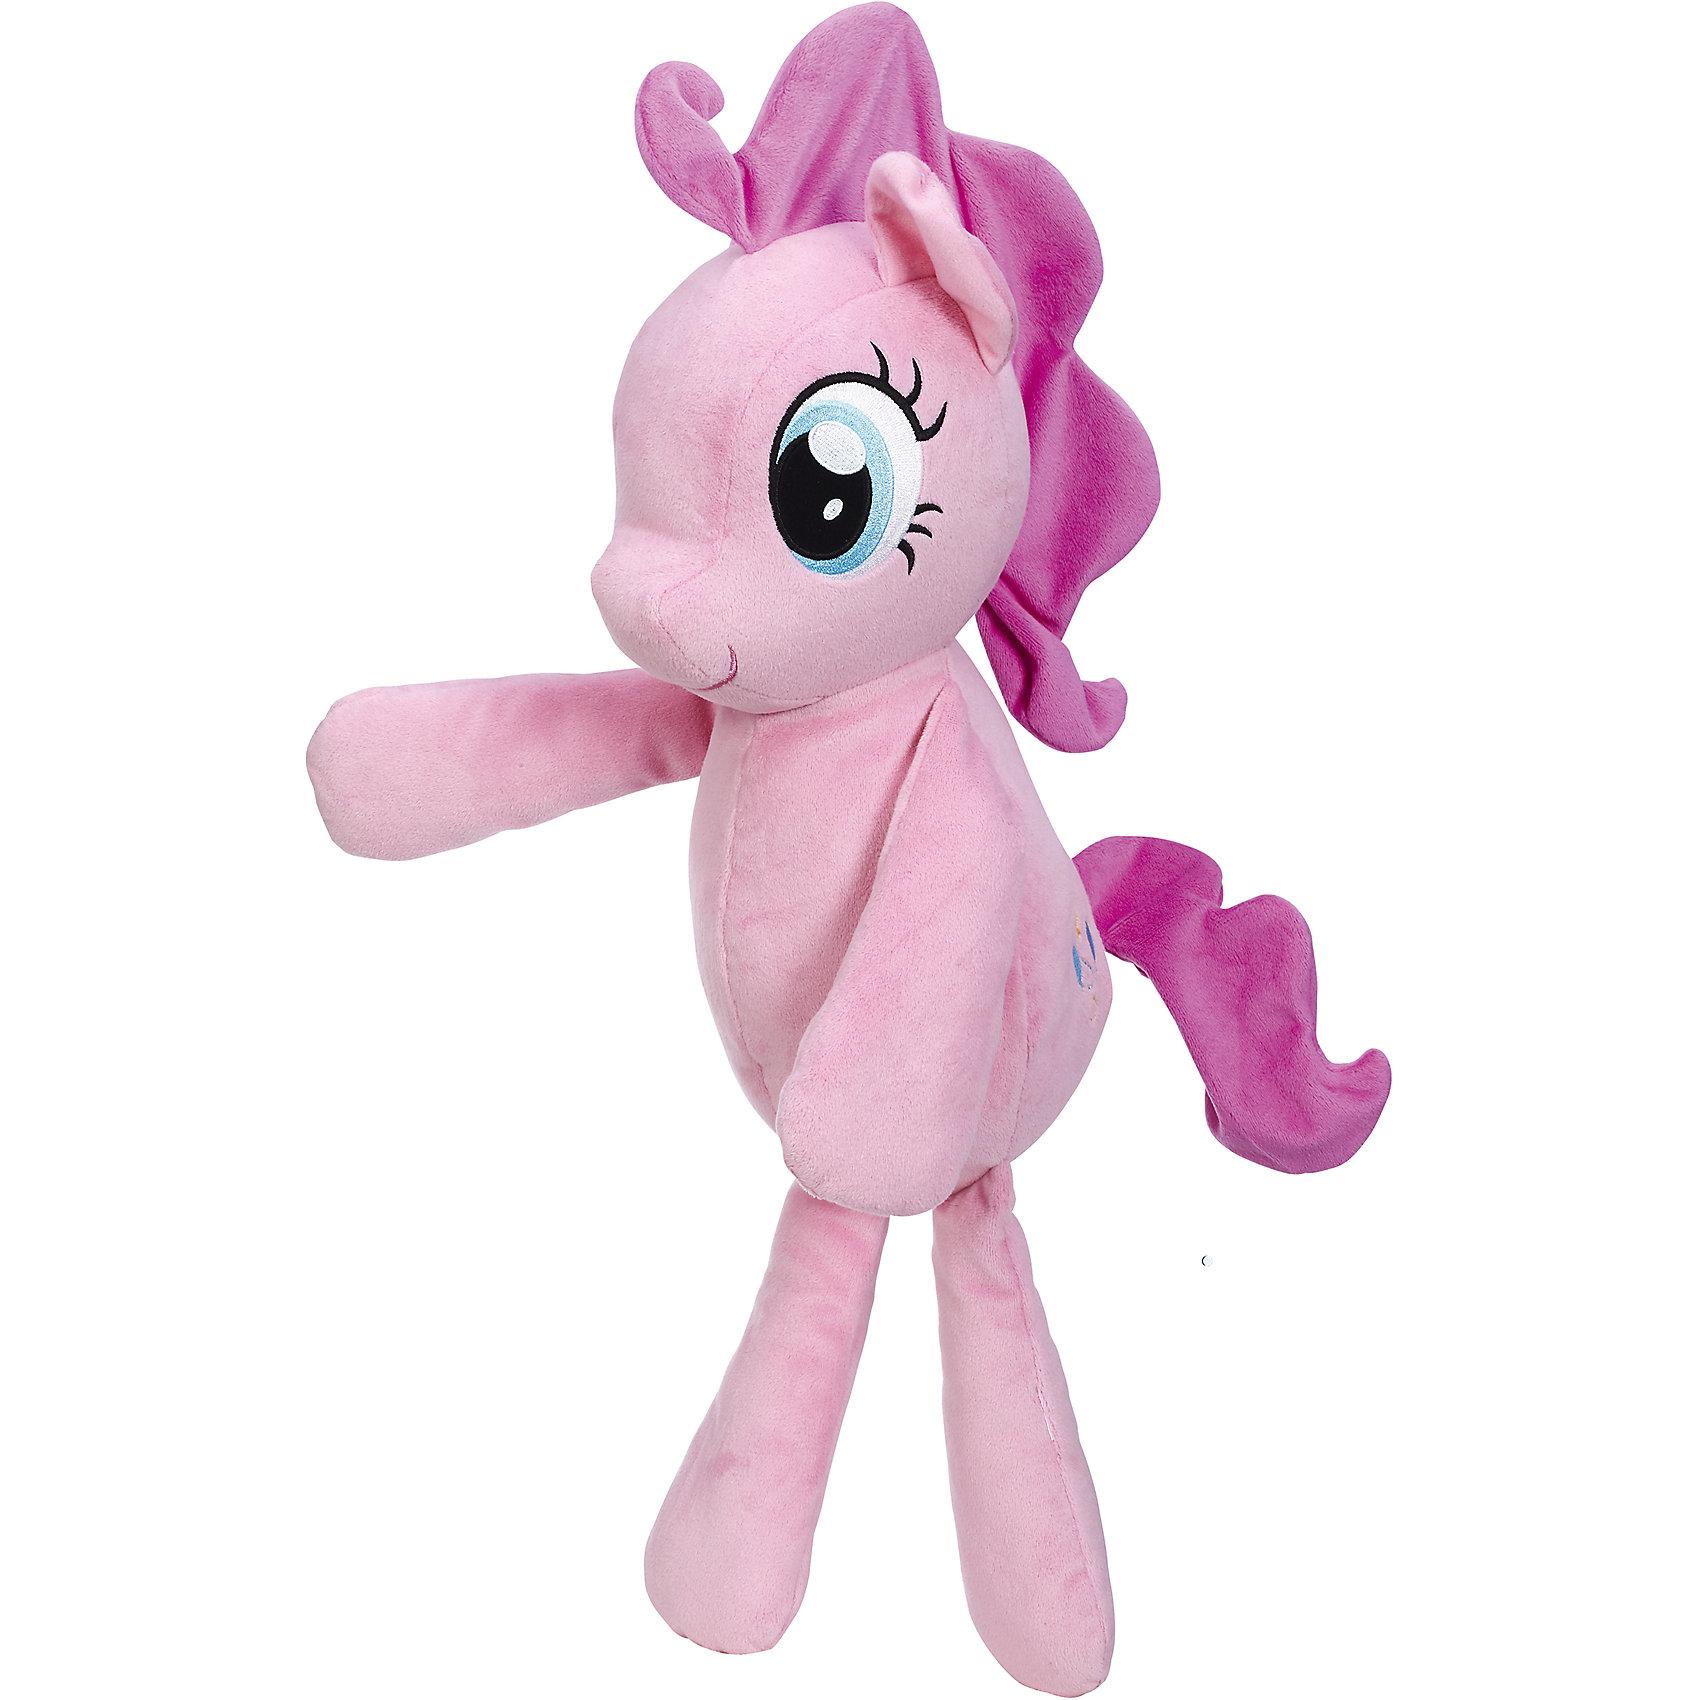 Плюшевые пони для обнимашек, B9822/C0123, My little Pony, HasbroМягкие игрушки из мультфильмов<br><br><br>Ширина мм: 203<br>Глубина мм: 152<br>Высота мм: 305<br>Вес г: 289<br>Возраст от месяцев: 36<br>Возраст до месяцев: 2147483647<br>Пол: Женский<br>Возраст: Детский<br>SKU: 6861725